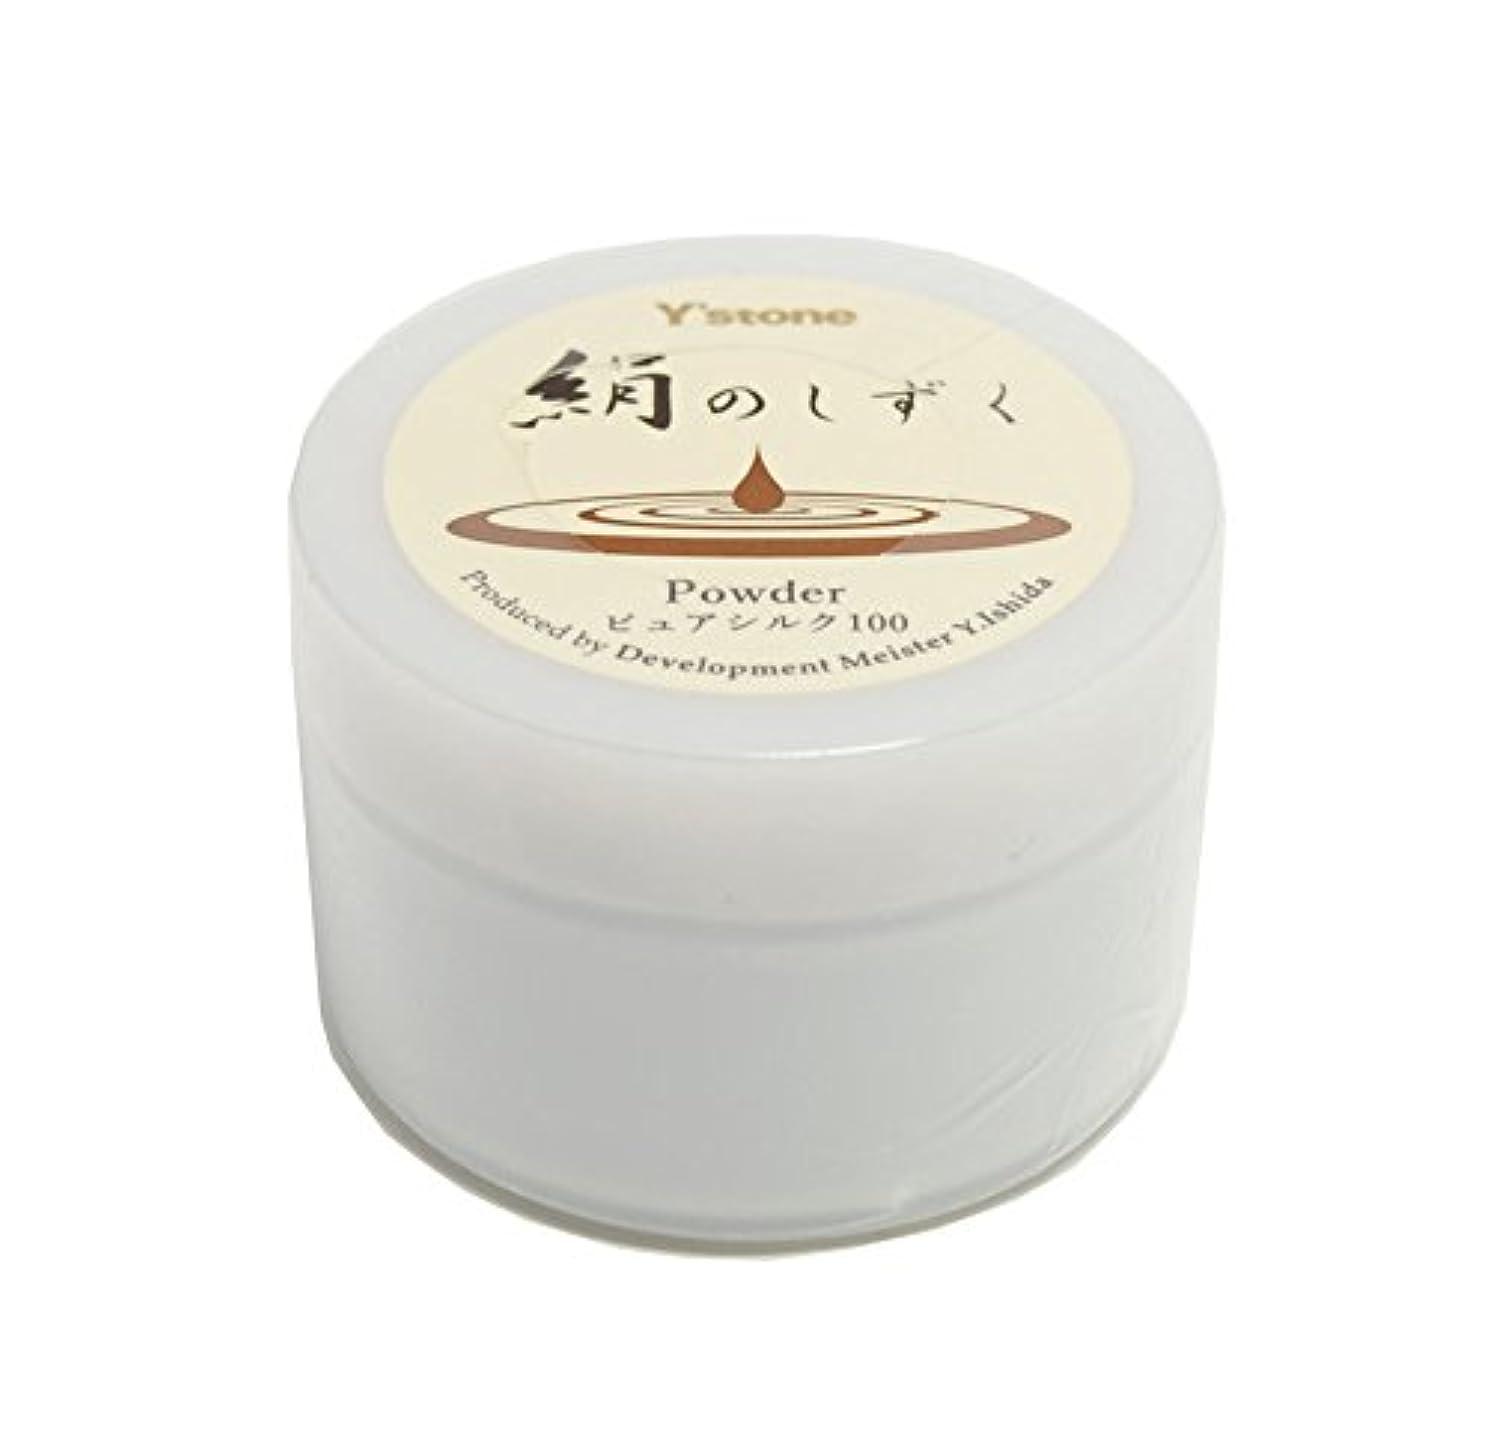 美徳に変わる彼自身絹のしずく シルクパウダー100 8g 国産シルク100% 使用。シルク(まゆ)を丸ごと使用☆自然の日焼けを防ぐ効果が期待